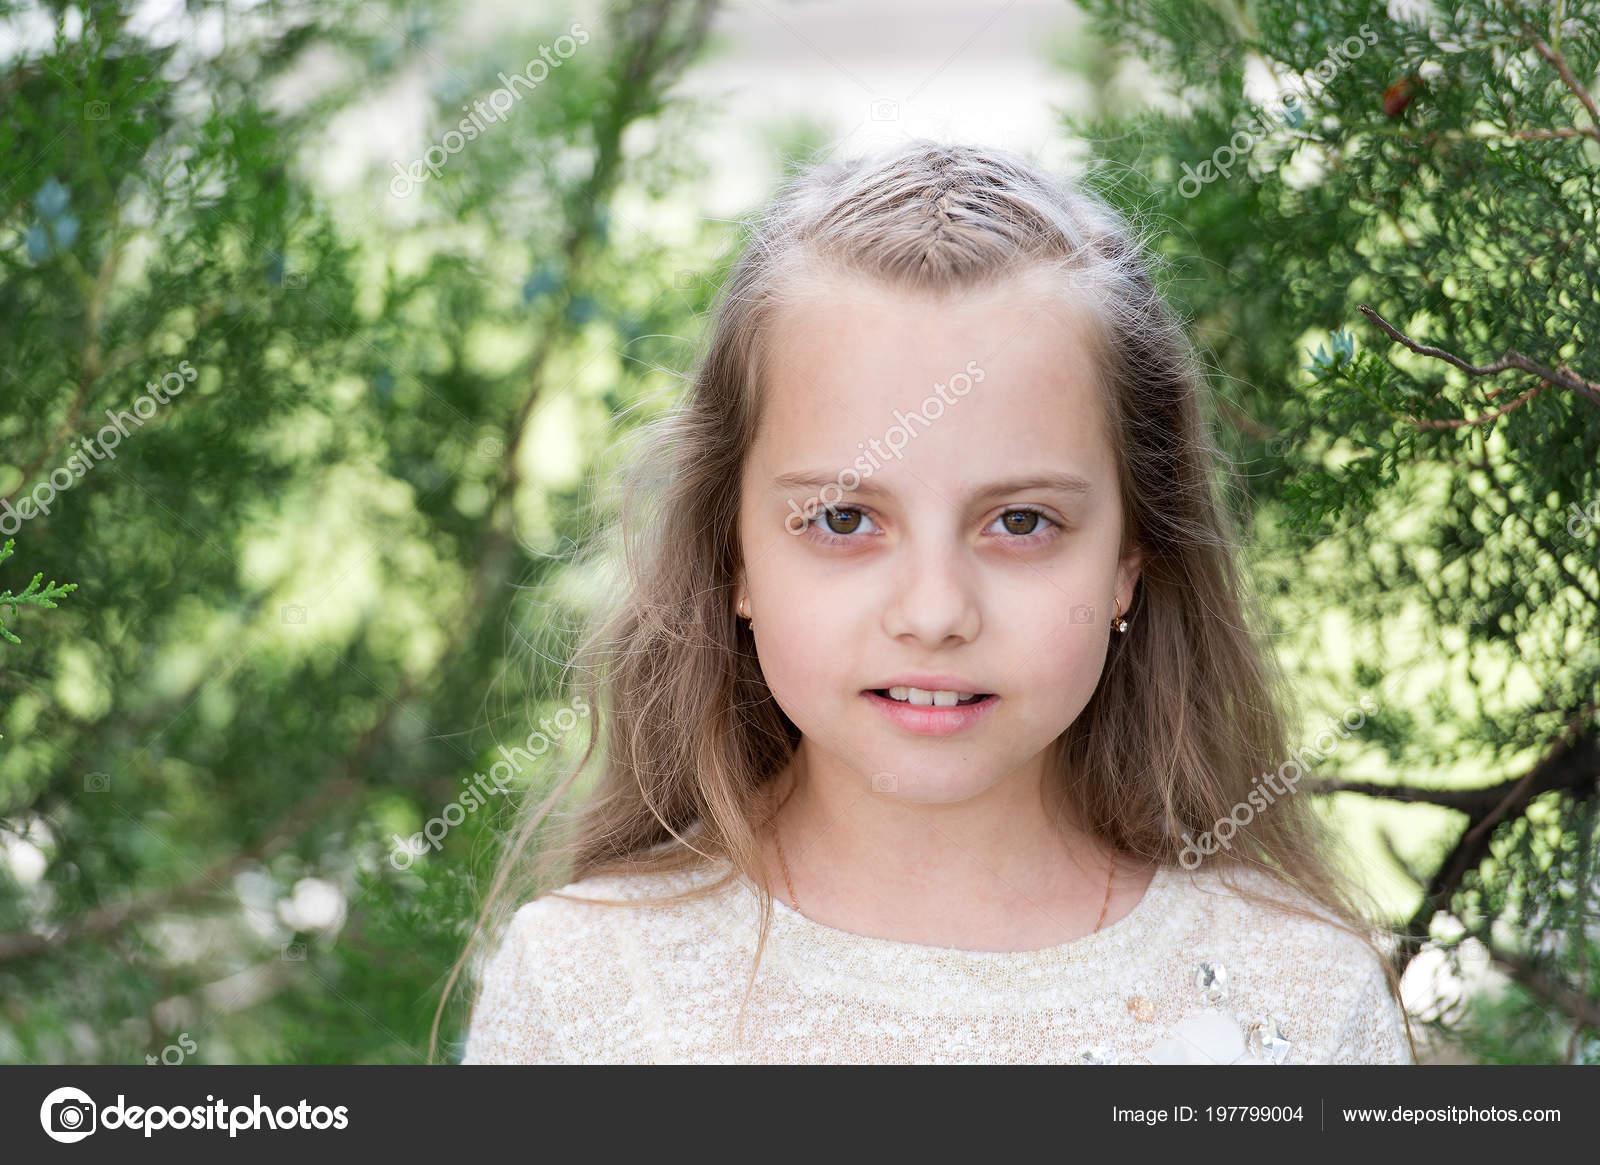 Madchen Mit Langen Haaren Auf Ruhige Gesicht Natur Hintergrund